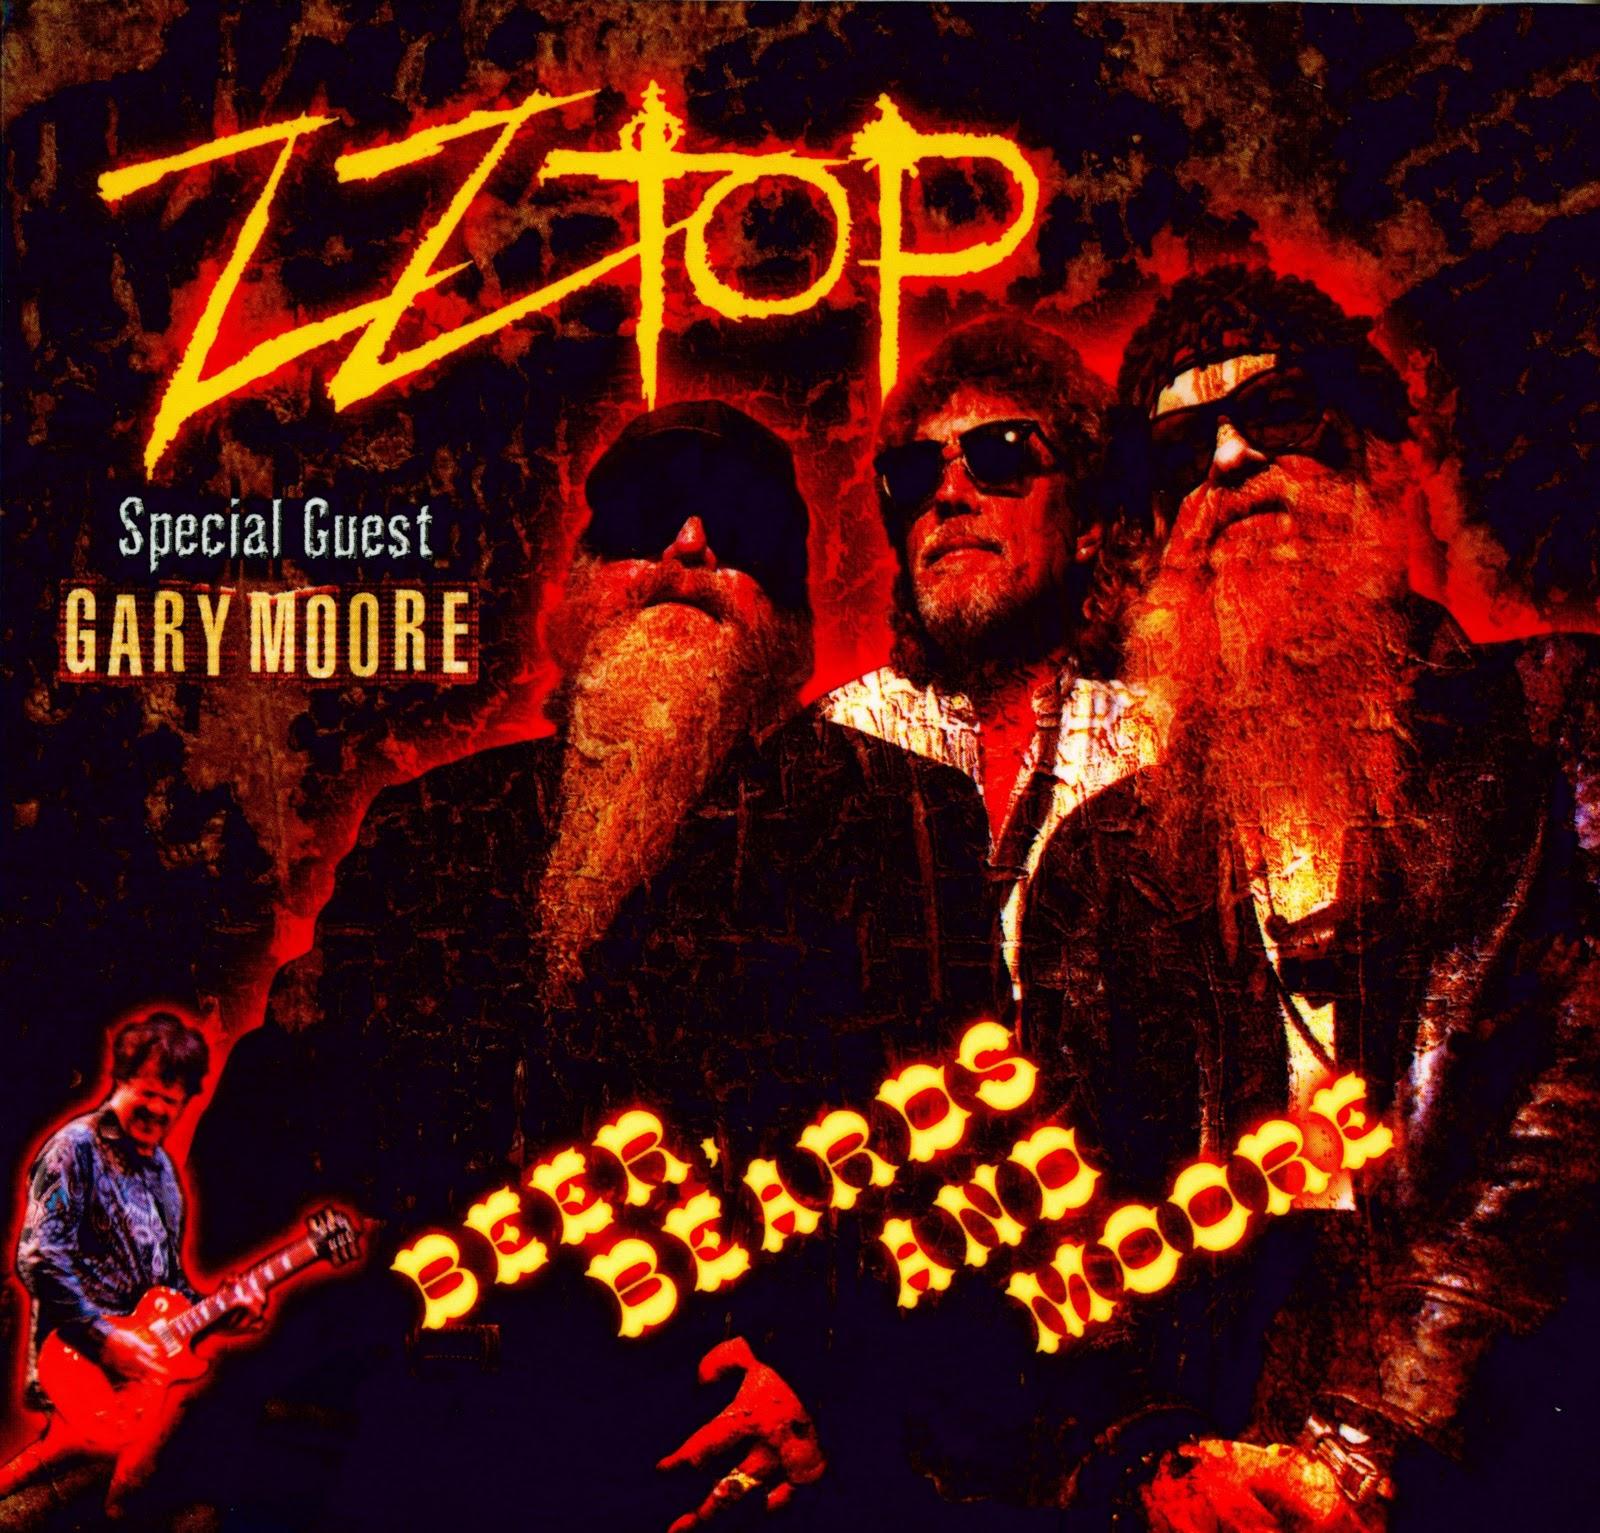 http://1.bp.blogspot.com/-GpKZKe-MNS8/TVgbG6oaofI/AAAAAAAAAQ8/dATGASjgHtY/s1600/ZZTop+-+Gary+Moore+-+Beer%252C+Beards+%2526+Moore+front.jpg